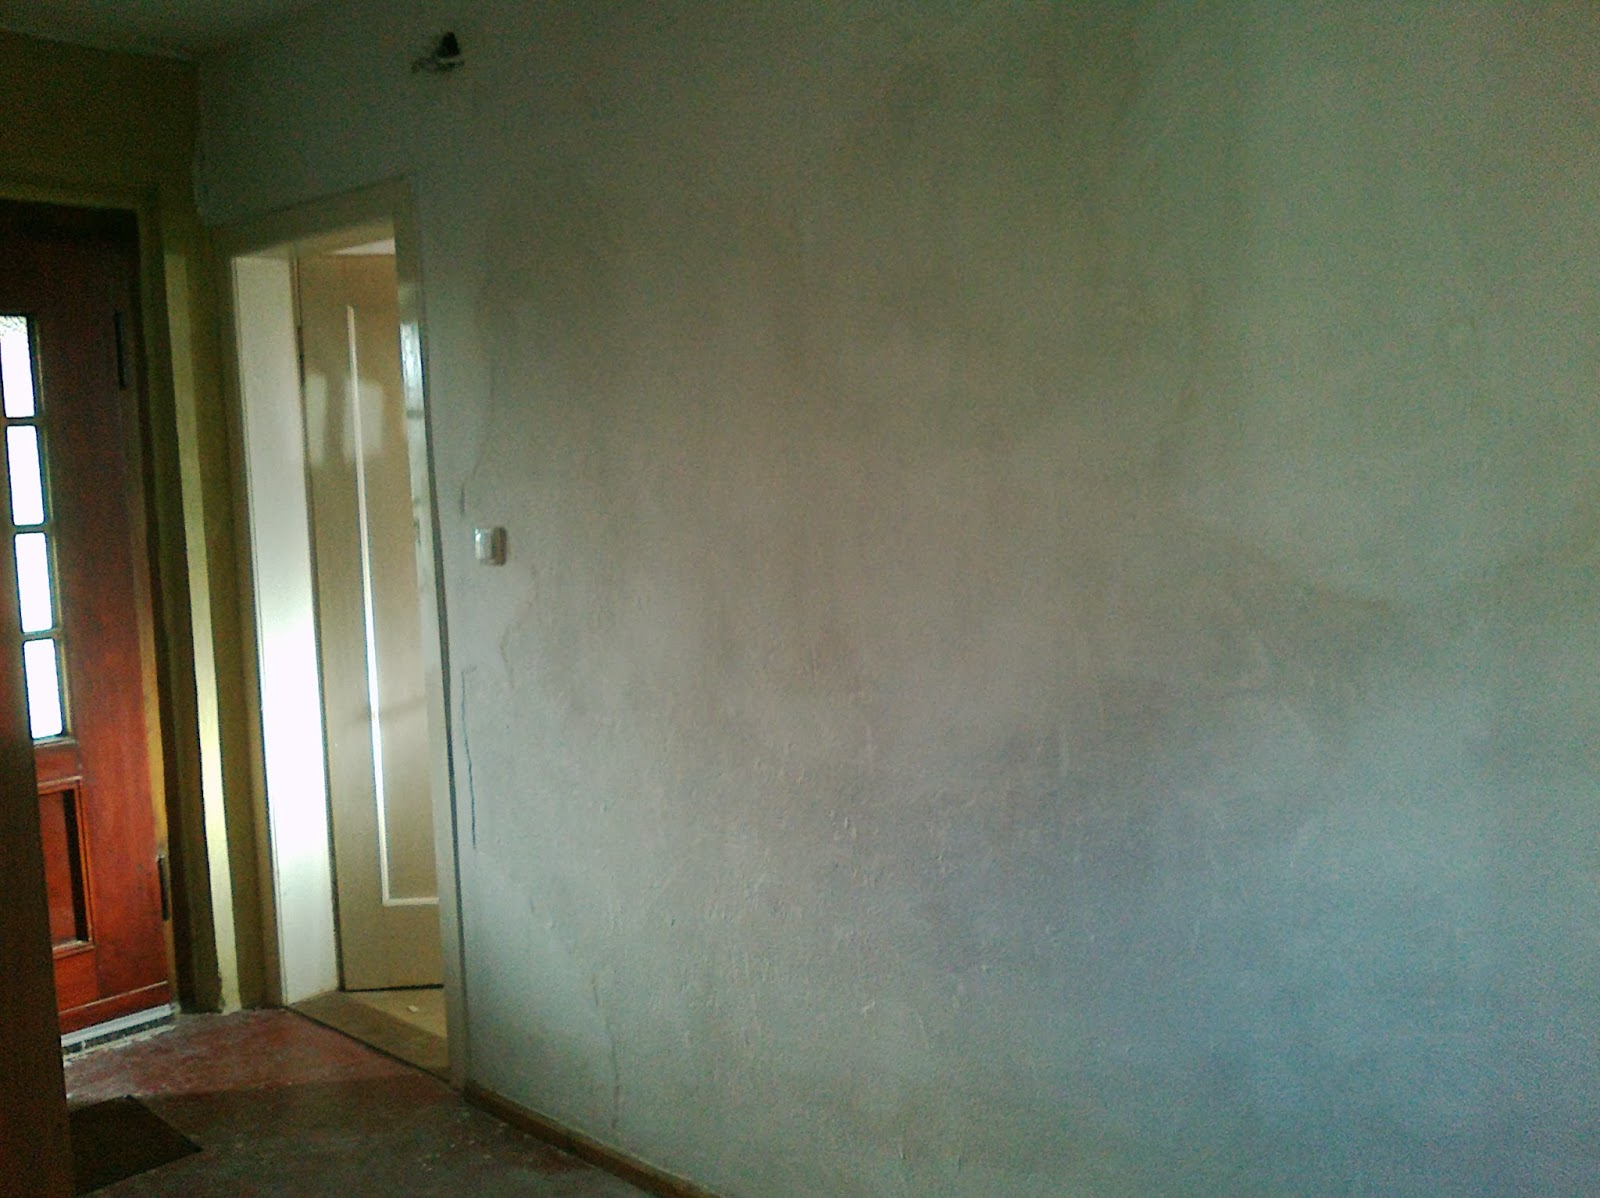 karl erwin und die frau ein haus wird gl cklich kalk leim farbe auf tapete flur. Black Bedroom Furniture Sets. Home Design Ideas